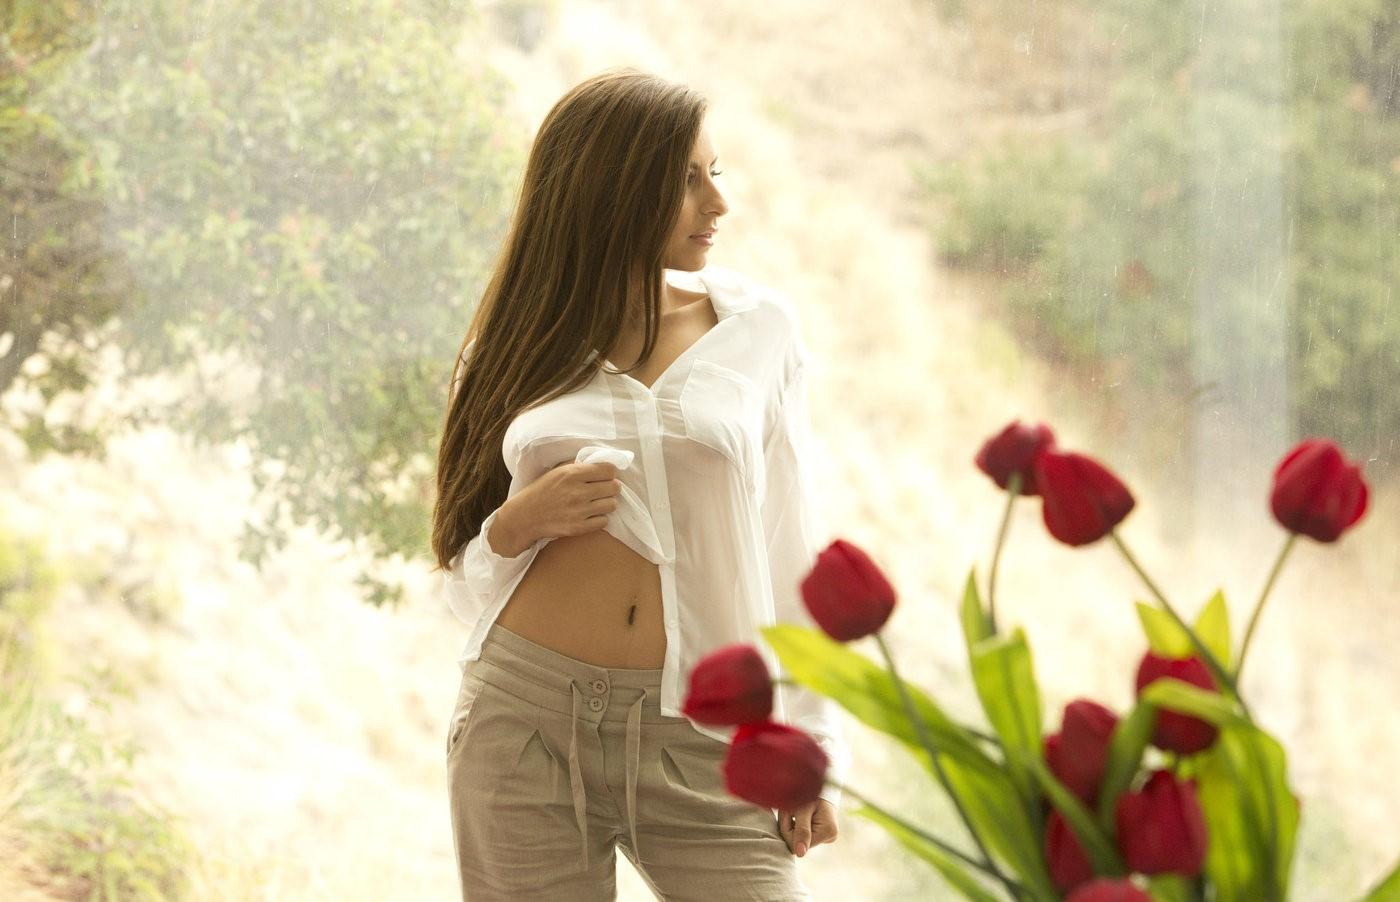 Фото Девушка смотрит в сторону, на переднем плане красные тюльпаны